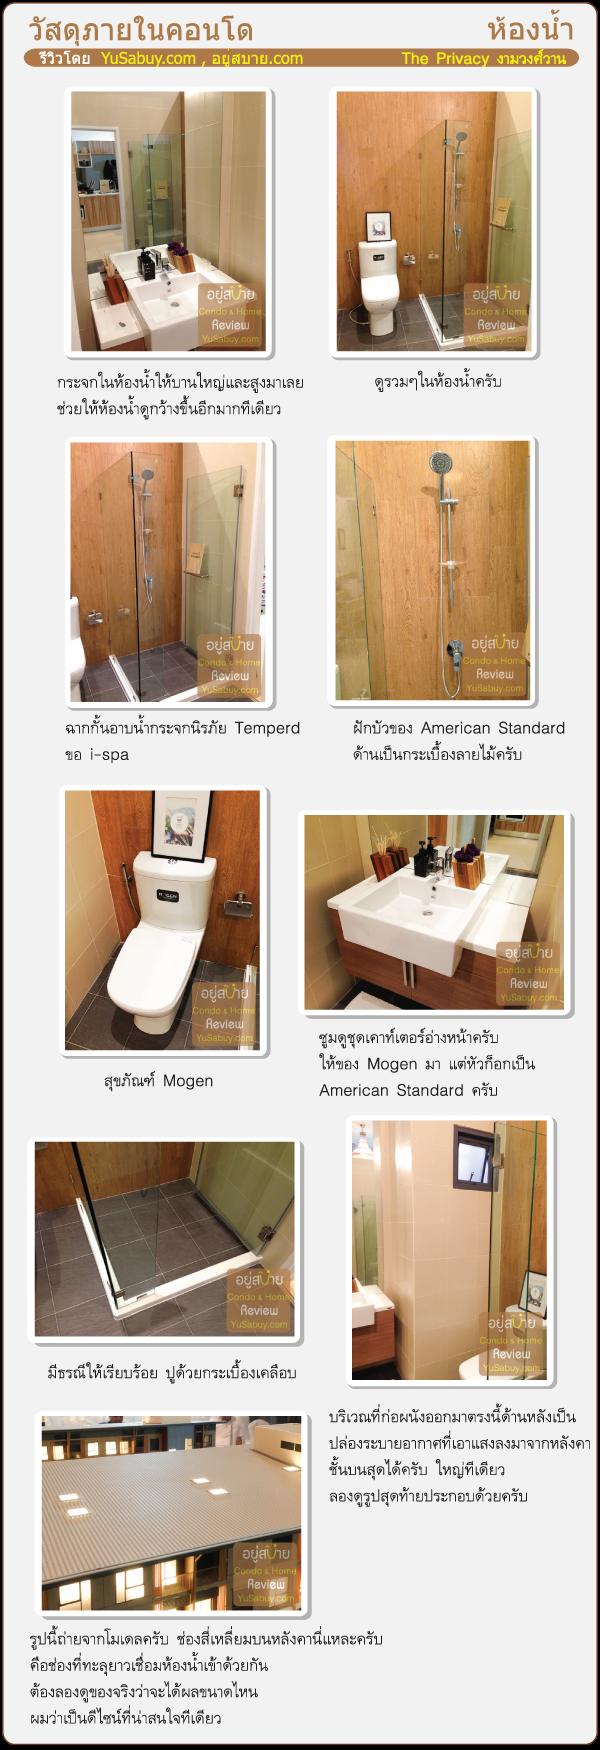 รีวิววัสดุห้องน้ำคอนโด The Privacy (เดอะไพรเวซี่) งามวงศ์วาน